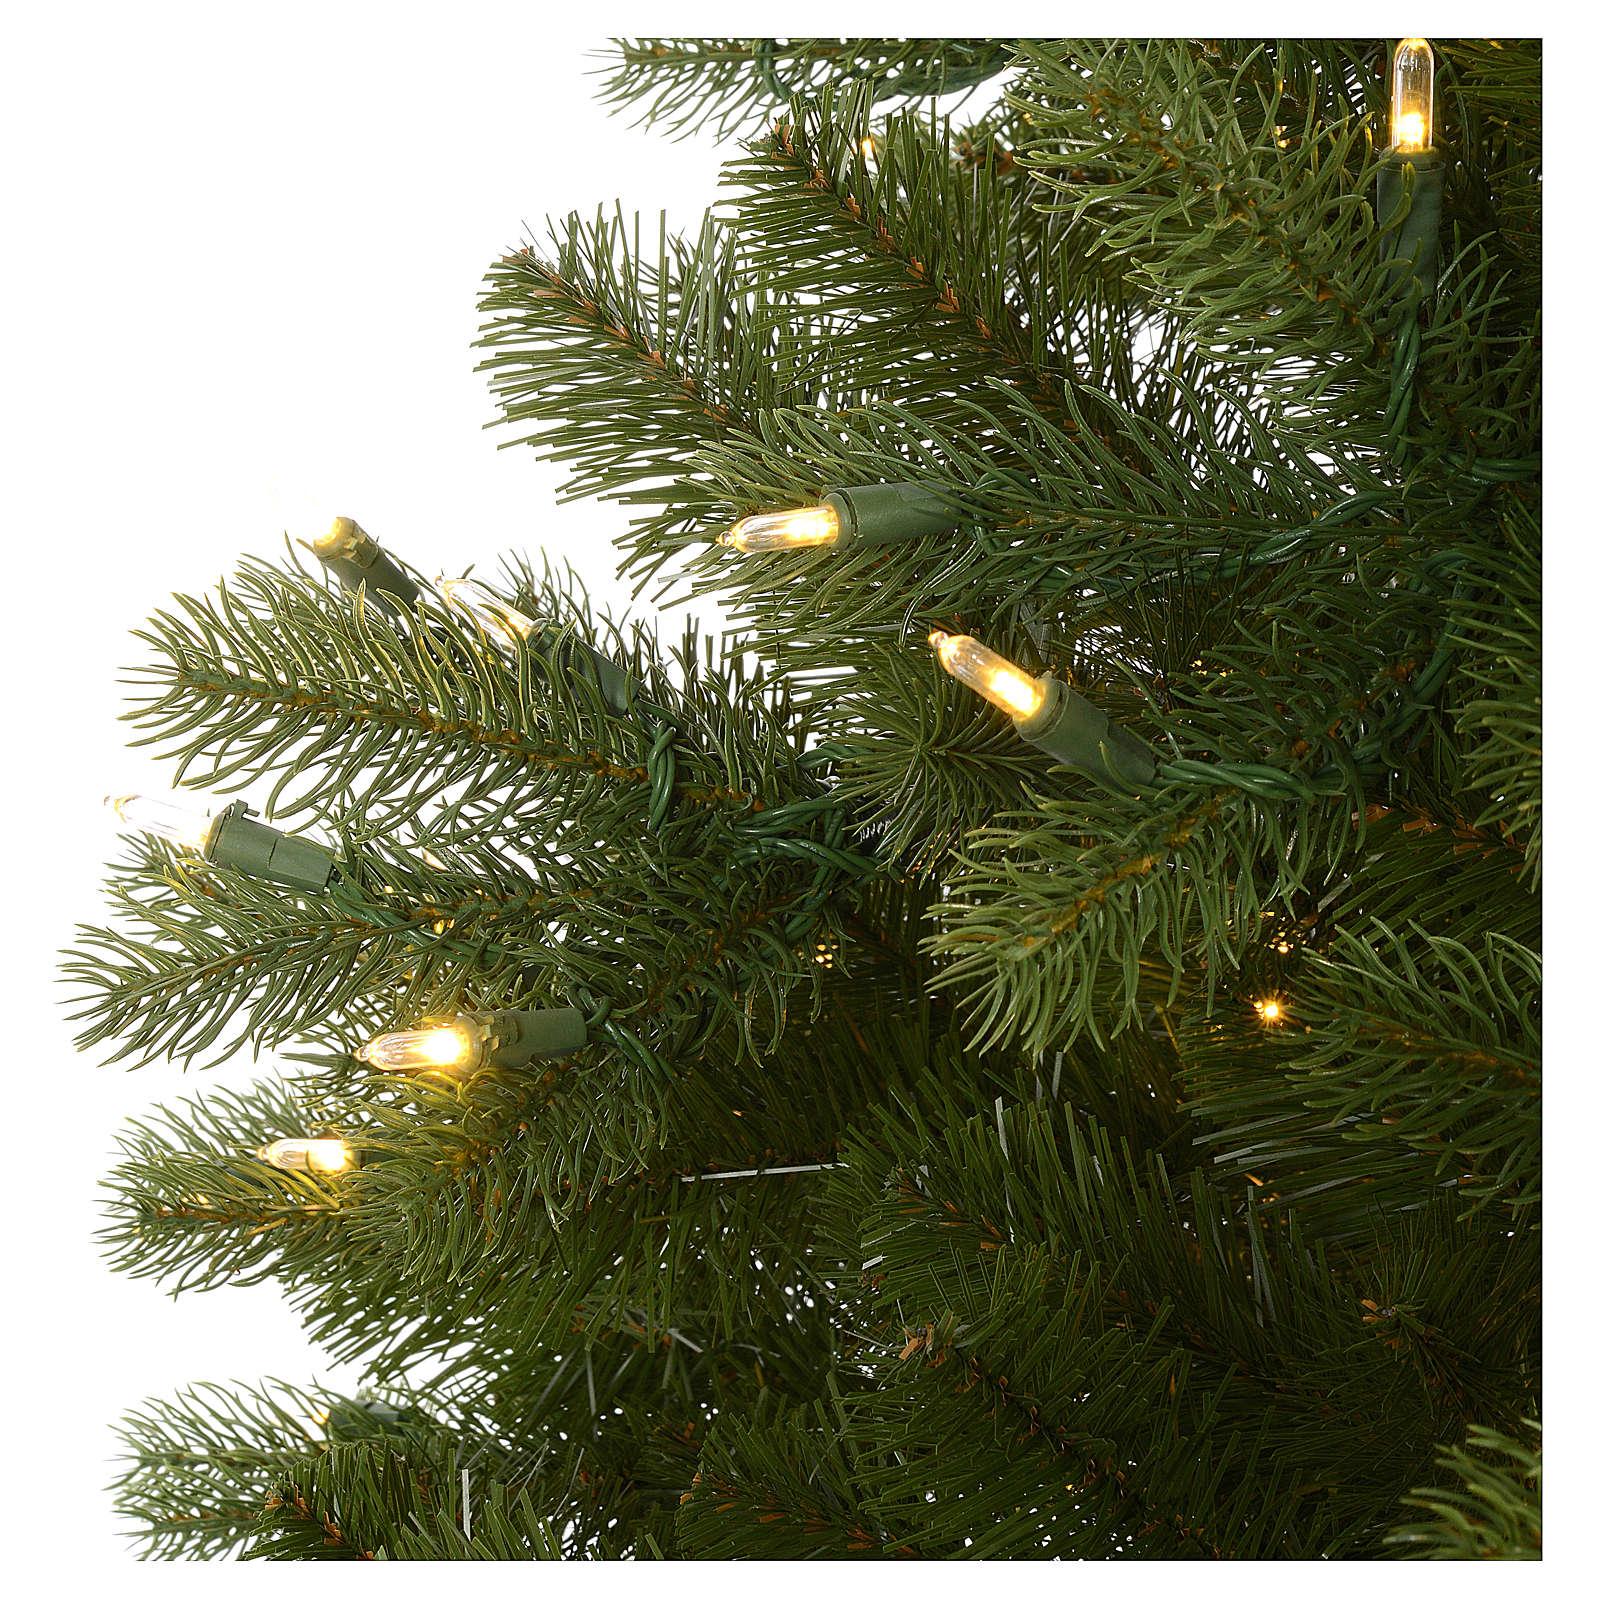 Grüner Weihnachtsbaum 225 cm Poly memory shape Bluetooth | Online ...